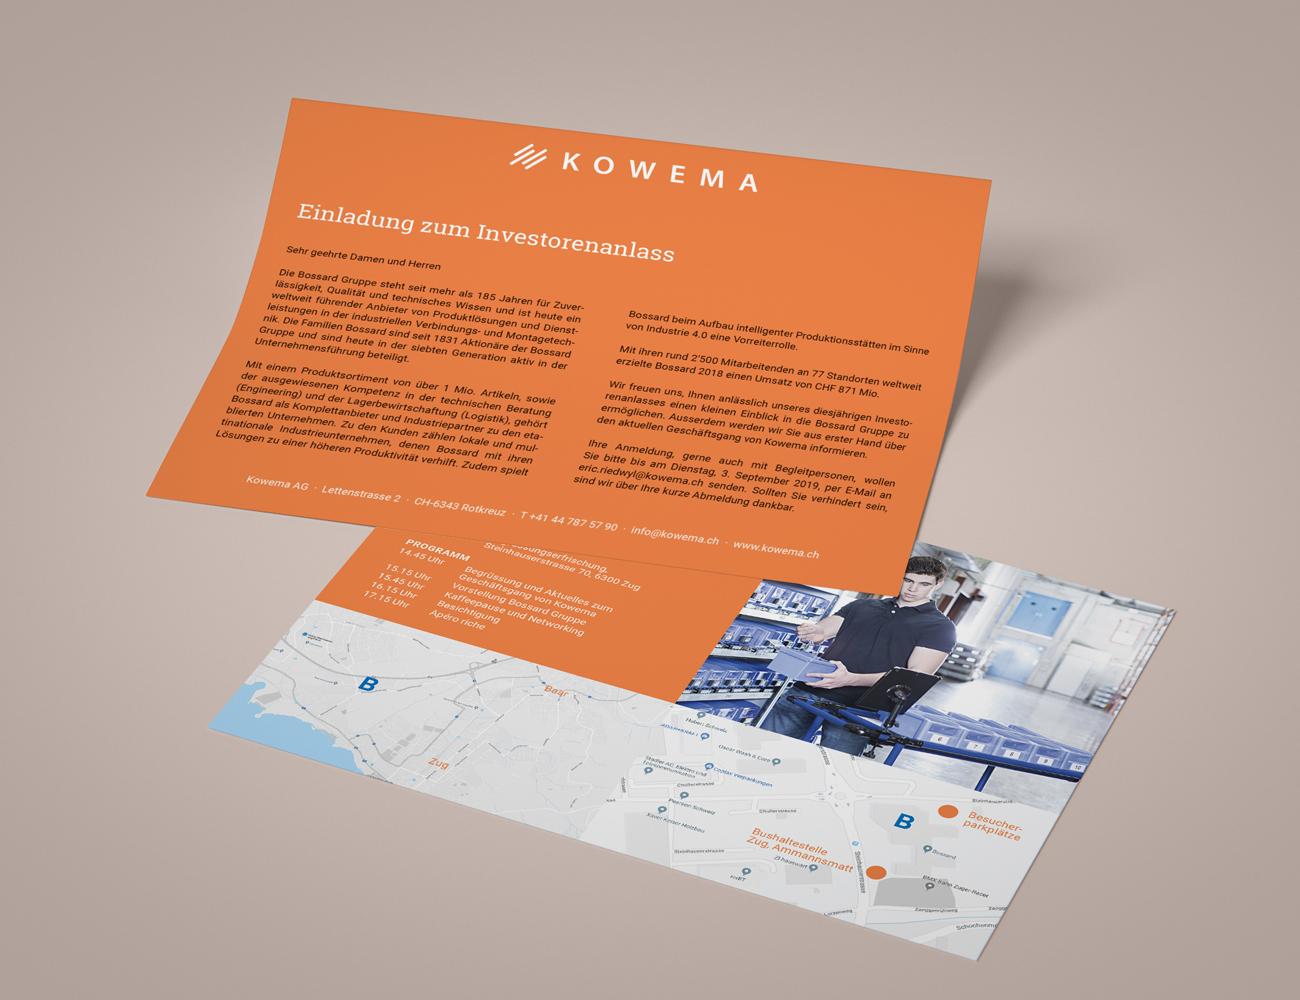 Bild Kowema événement investisseurs 2019